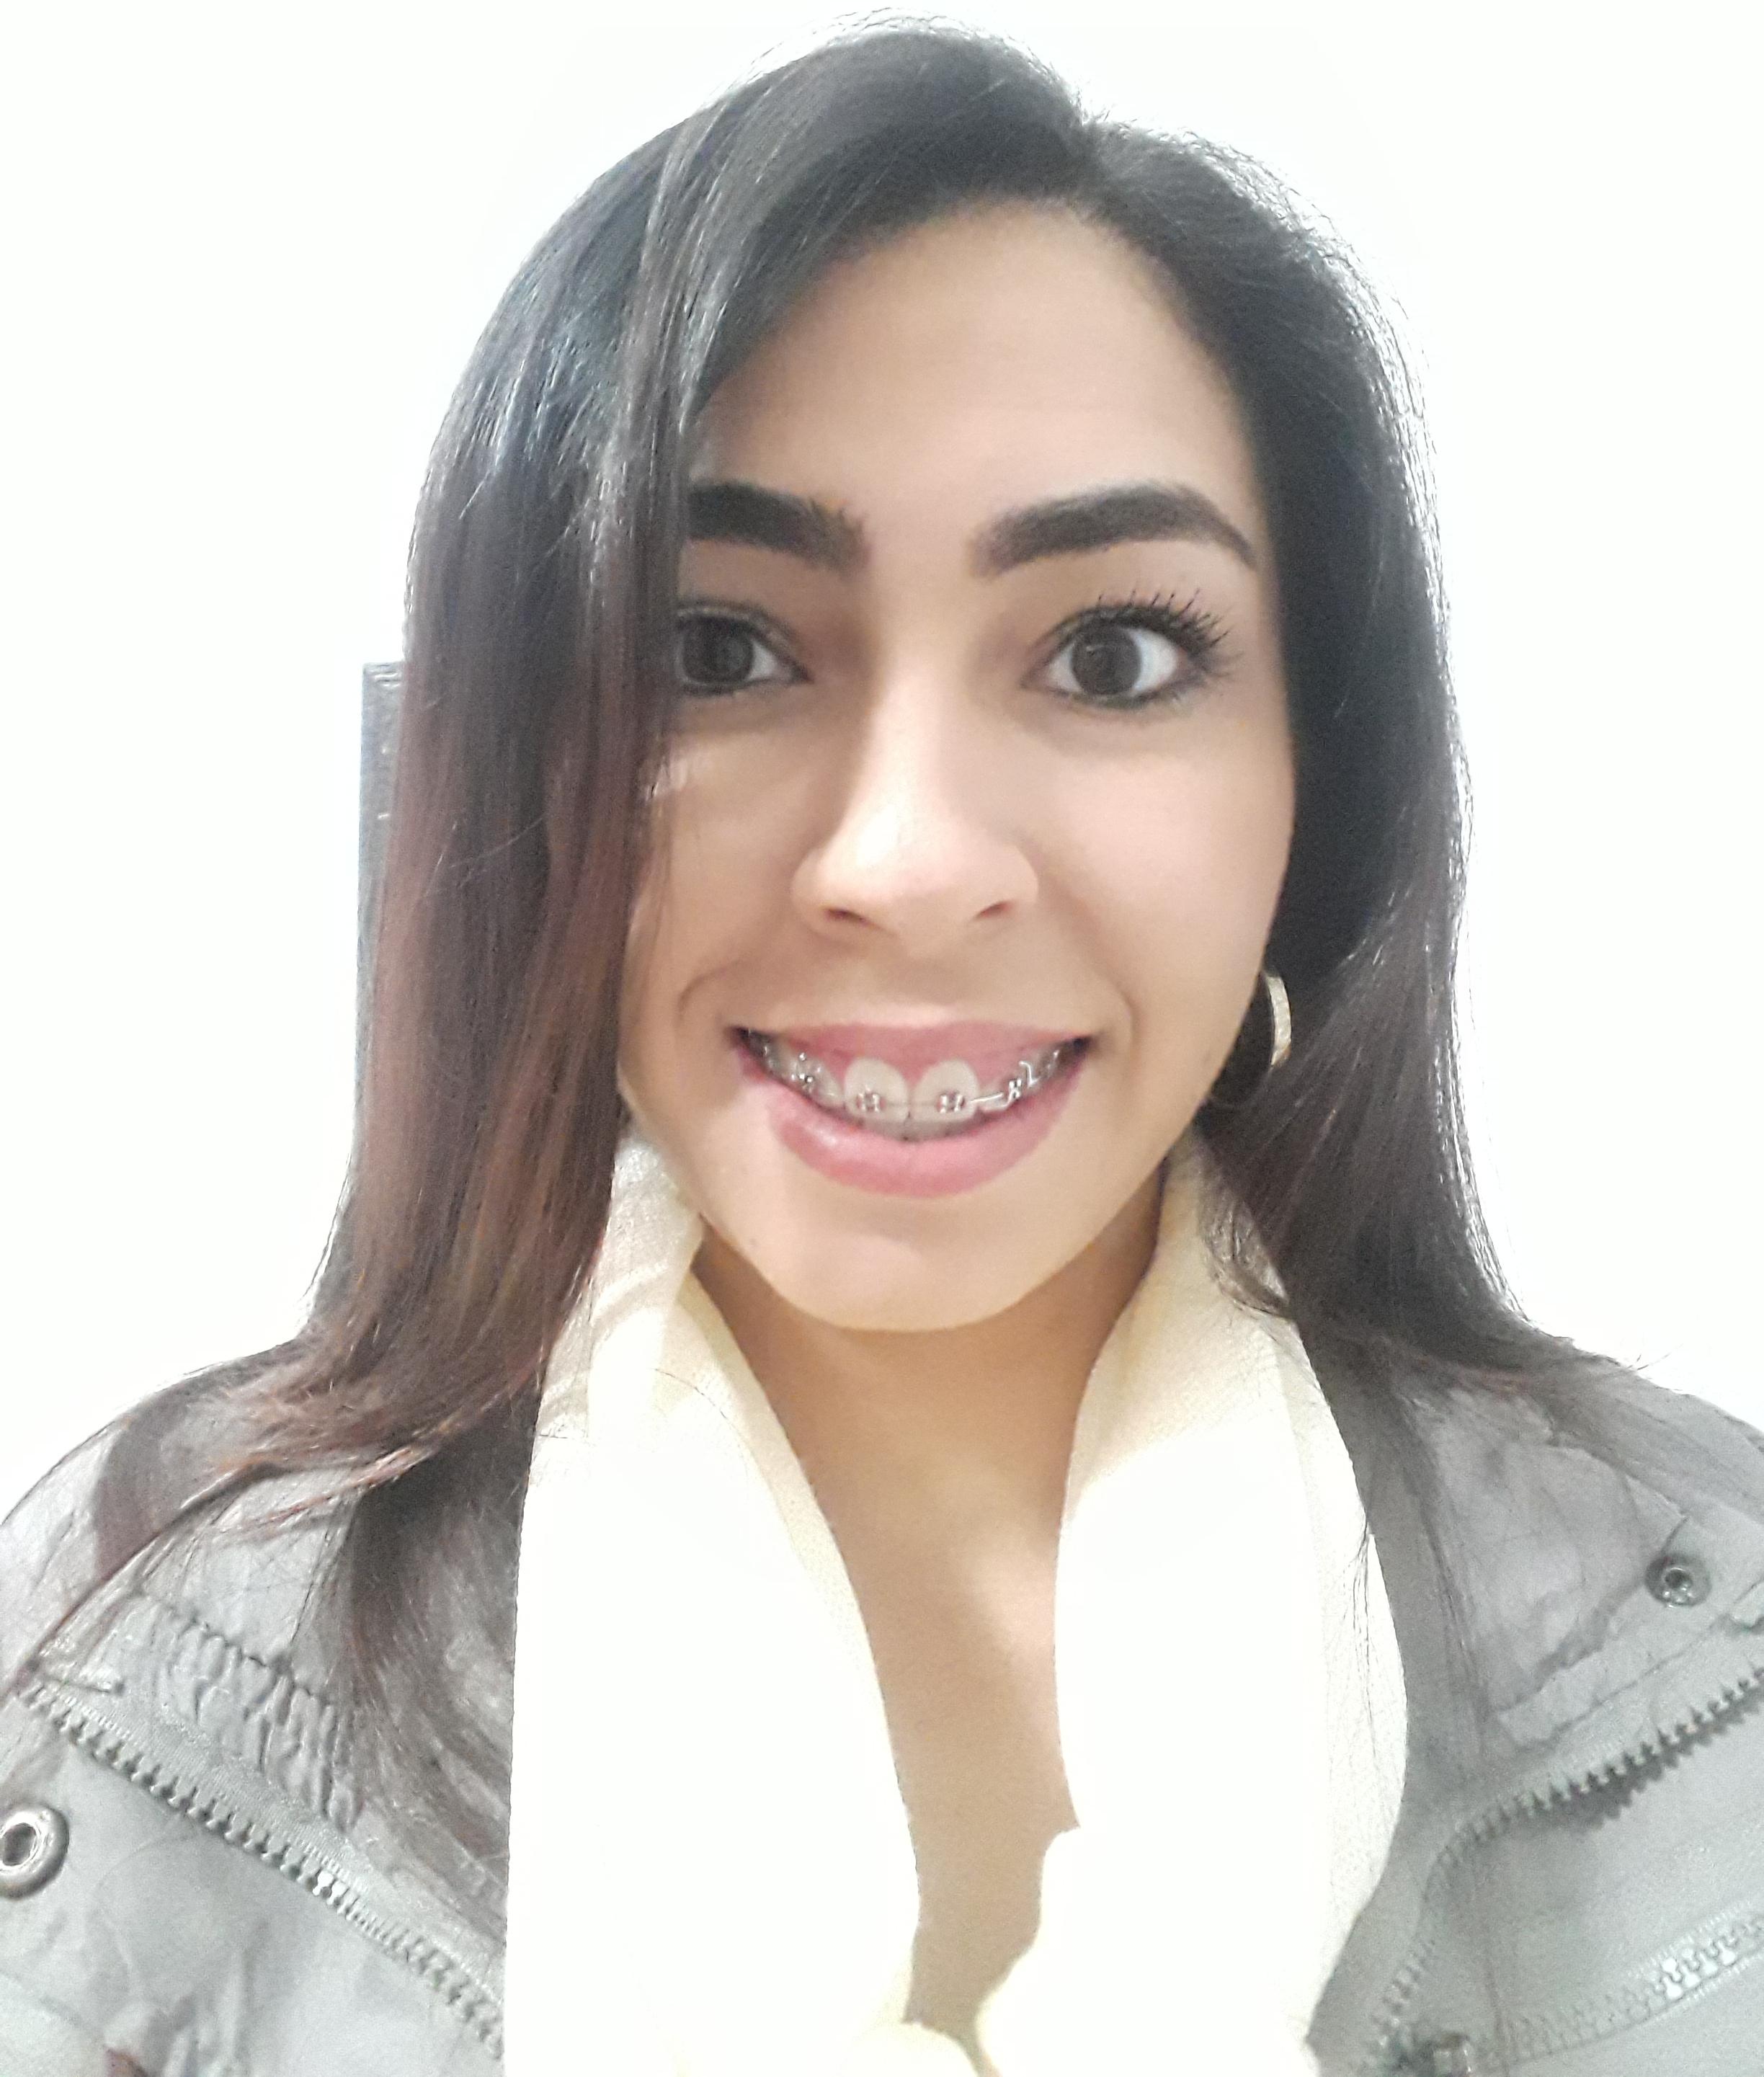 Personal Trainer Jacqueline Gonçalves